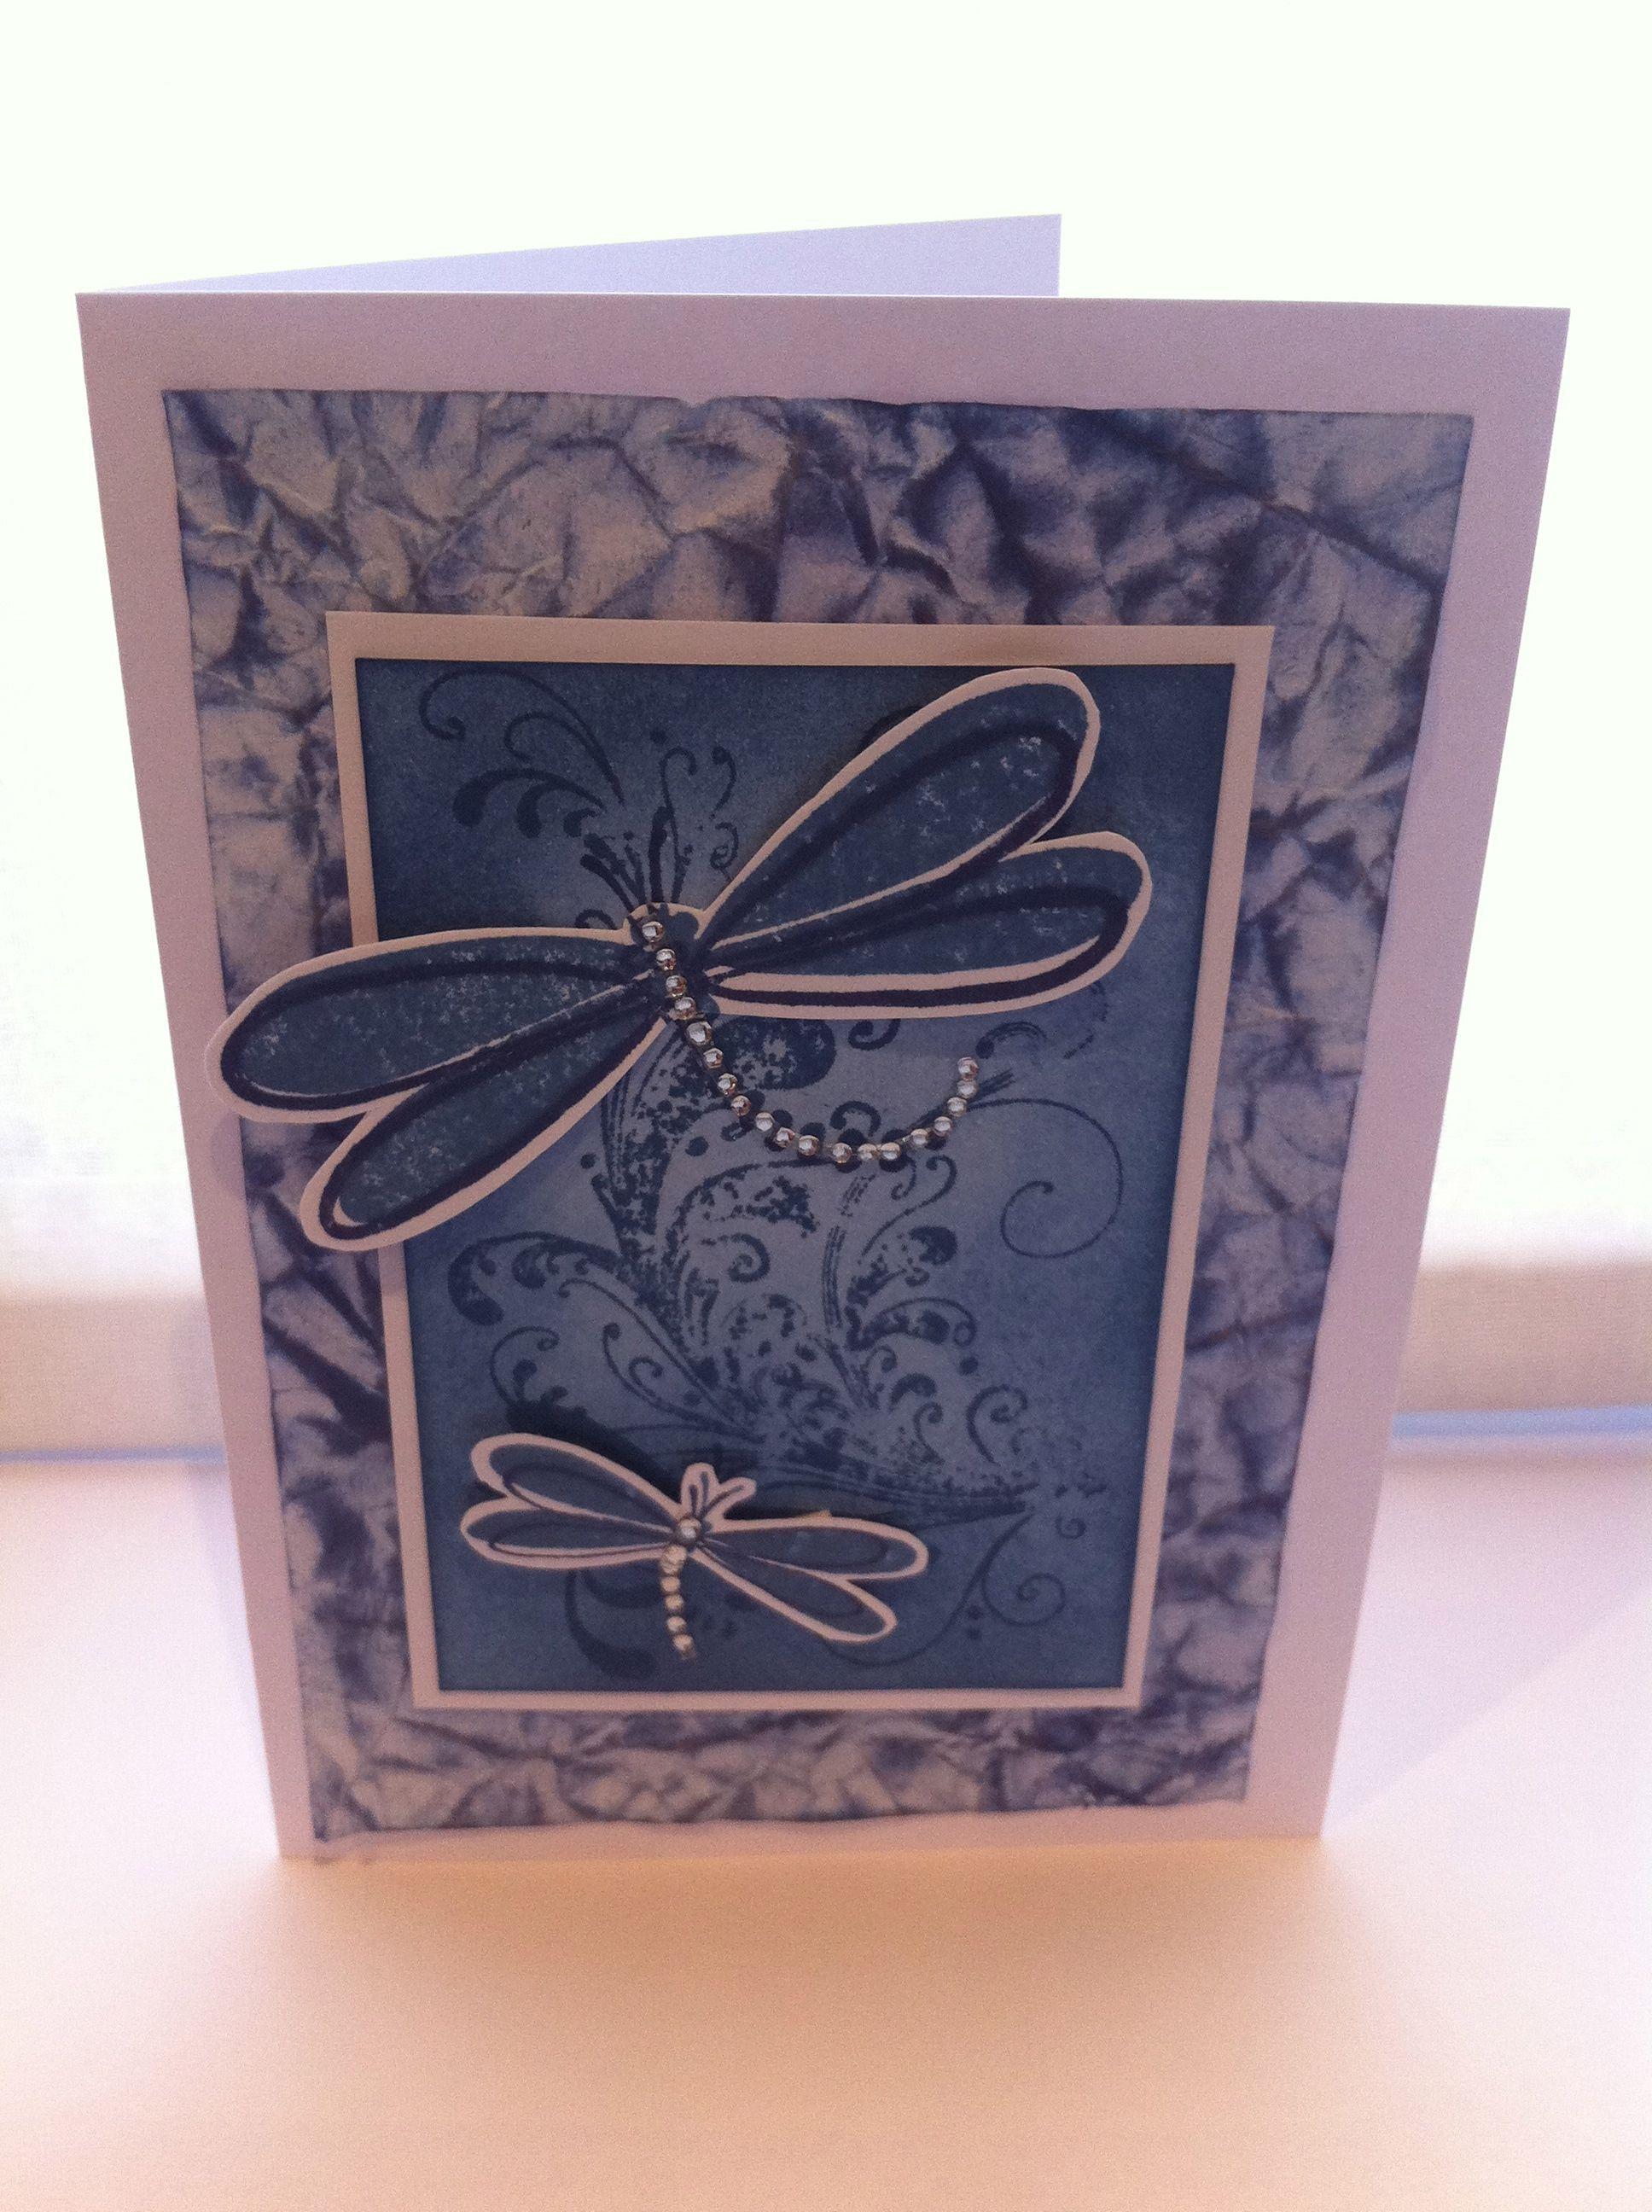 Kaszazz Card Making Ideas Part - 43: Dragonfly Card - Kaszazz